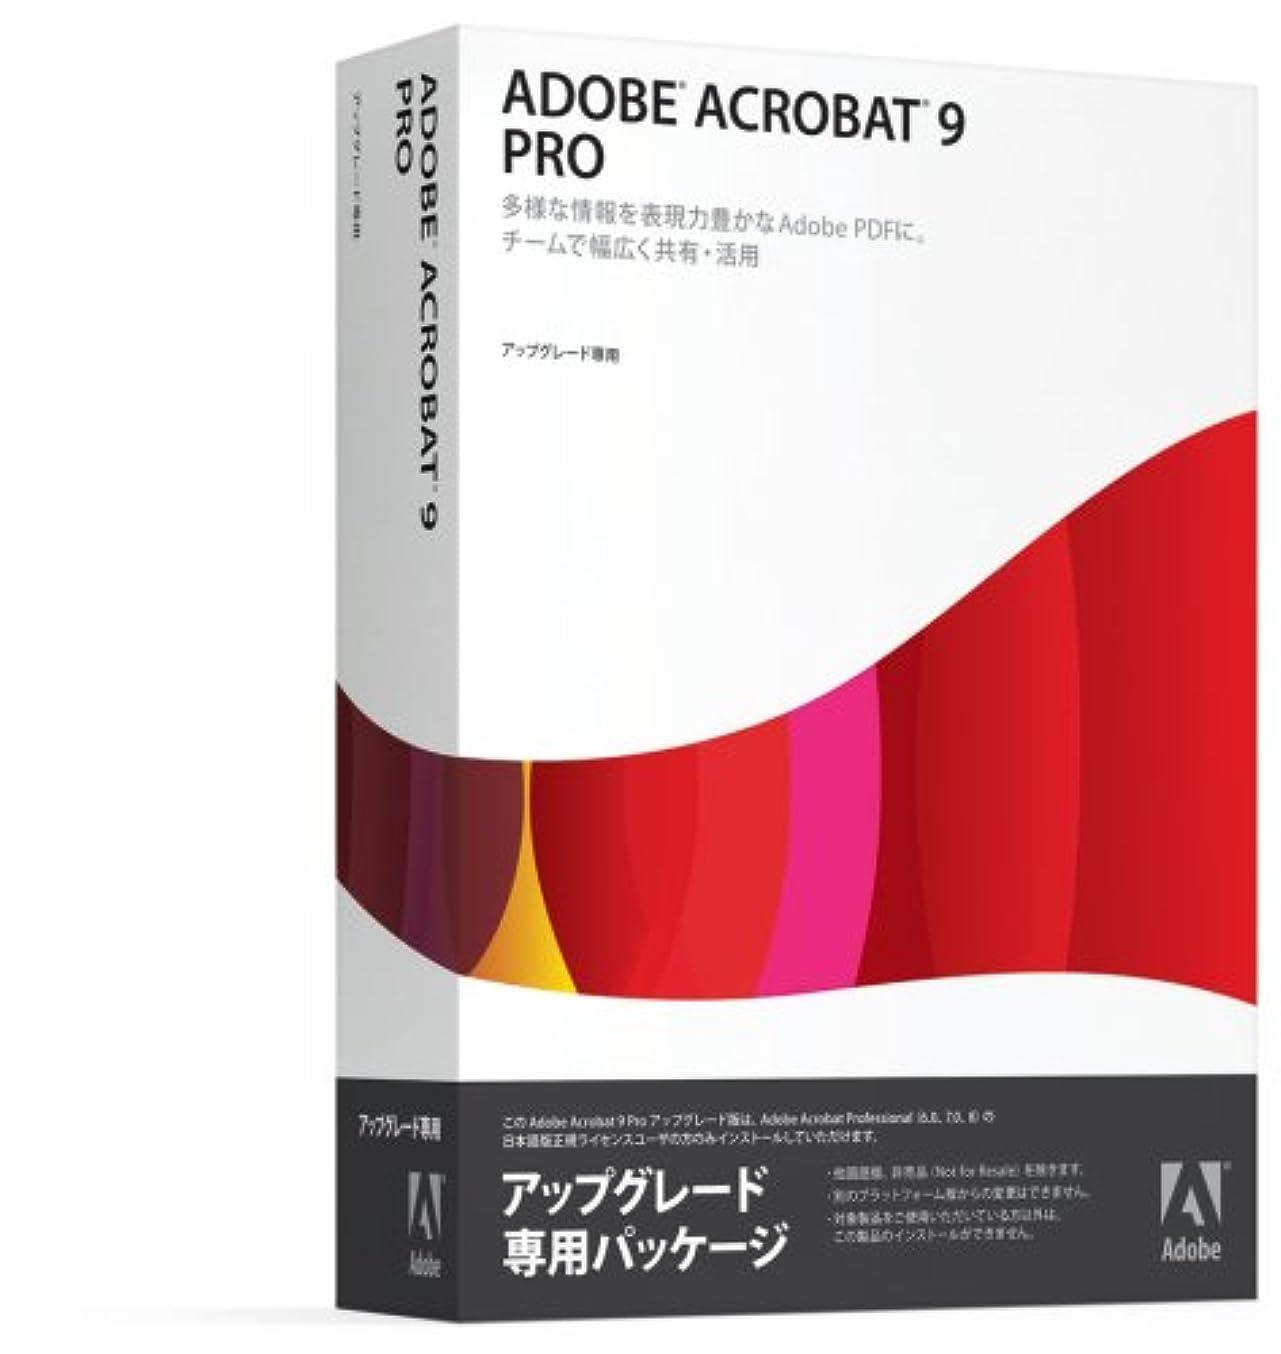 再現するスペード領事館Adobe Acrobat 9 Pro 日本語版 アップグレード版 (PRO-PRO) Macintosh版